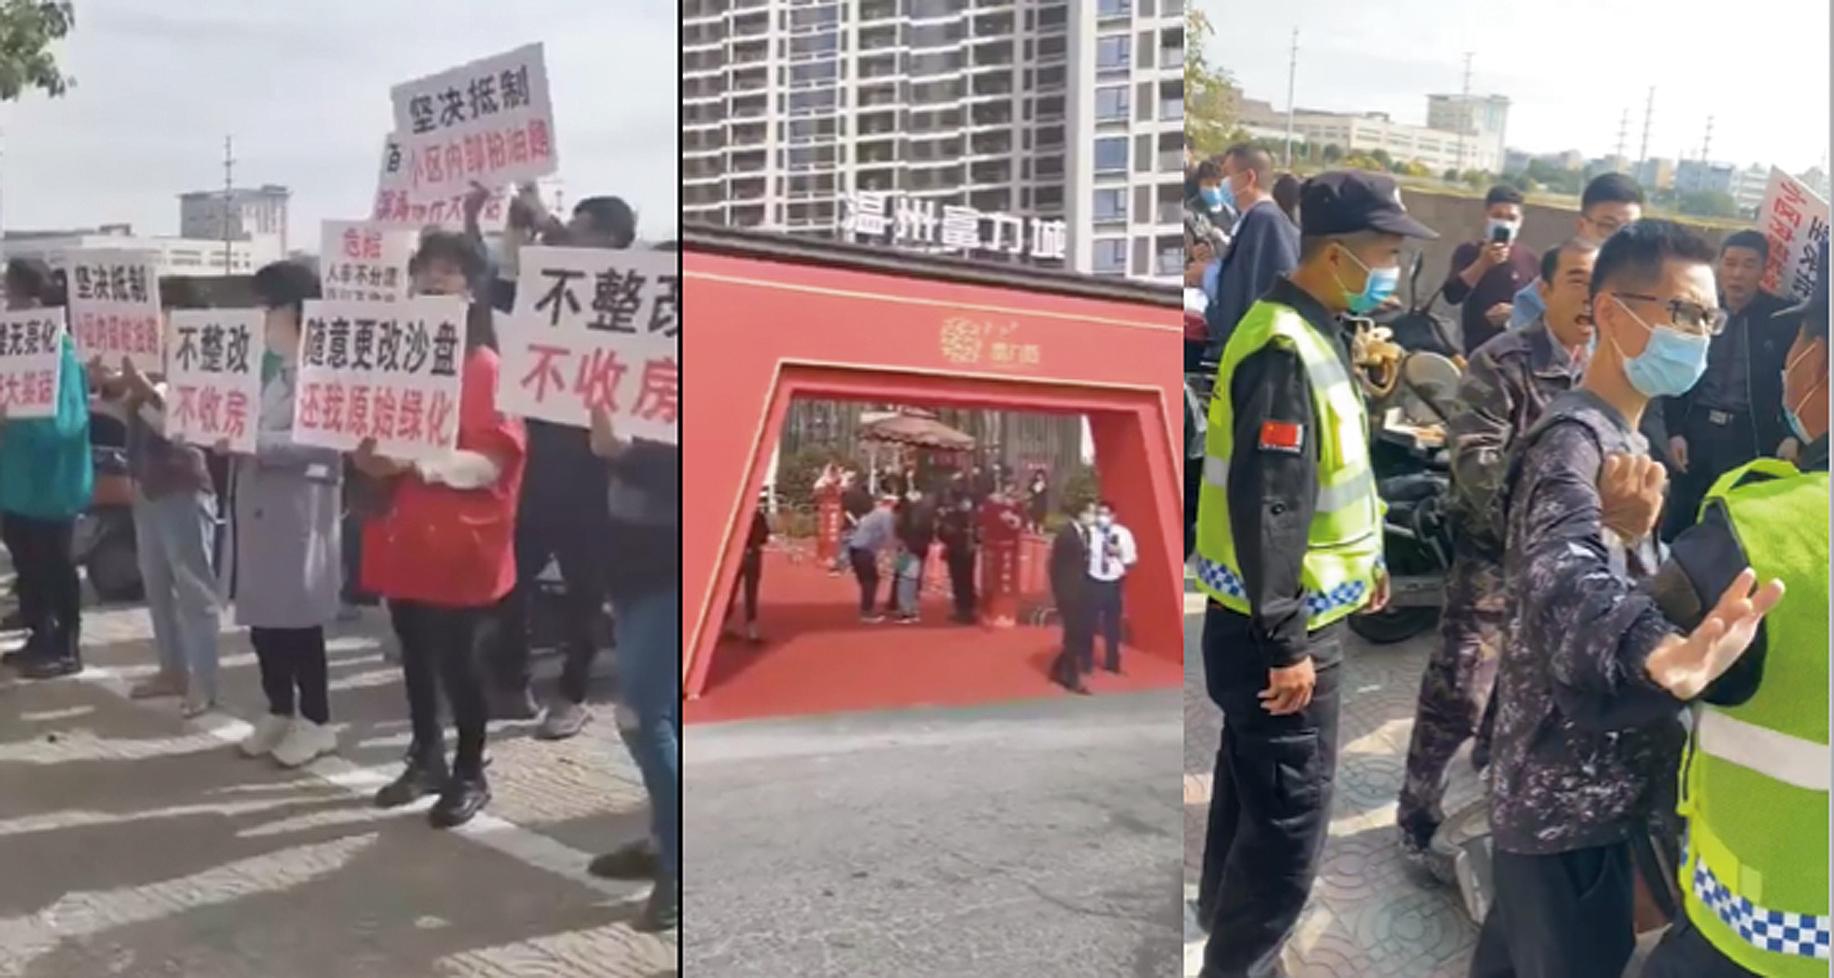 11月5日,溫州富力城近百位業主集體維權,與保安發生激烈衝突。(受訪人提供影片,《大紀元》合成)